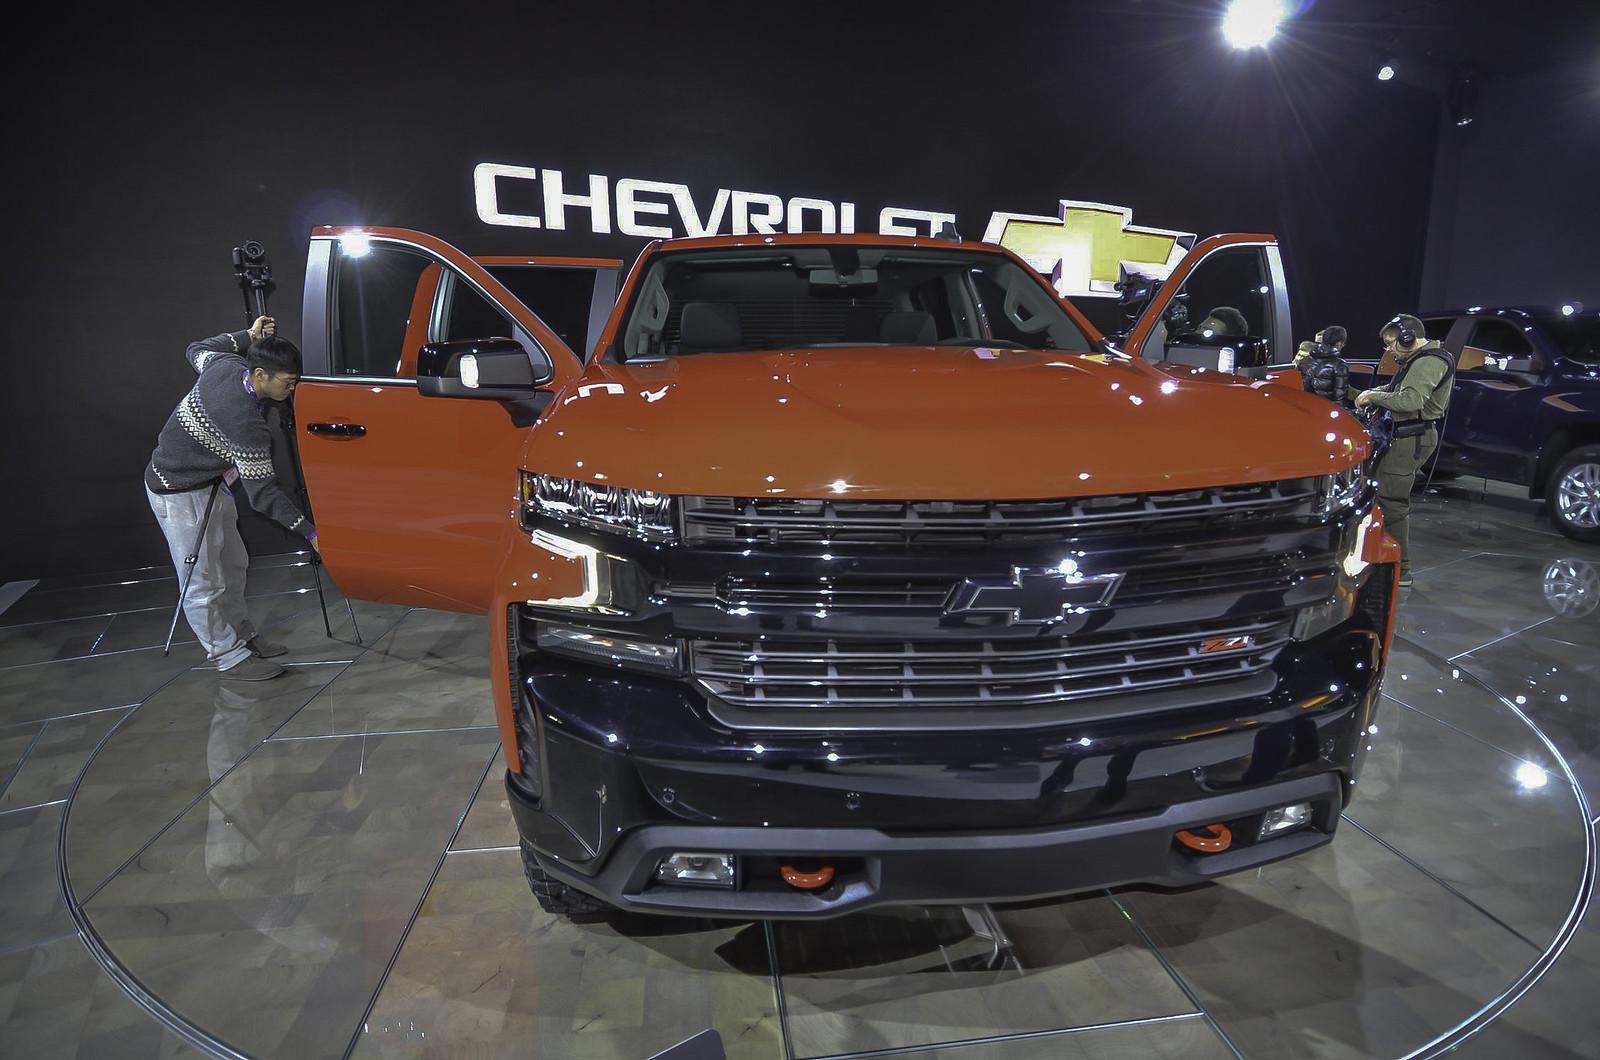 2019 Chevrolet Silverado live photos: 2018 NAIAS